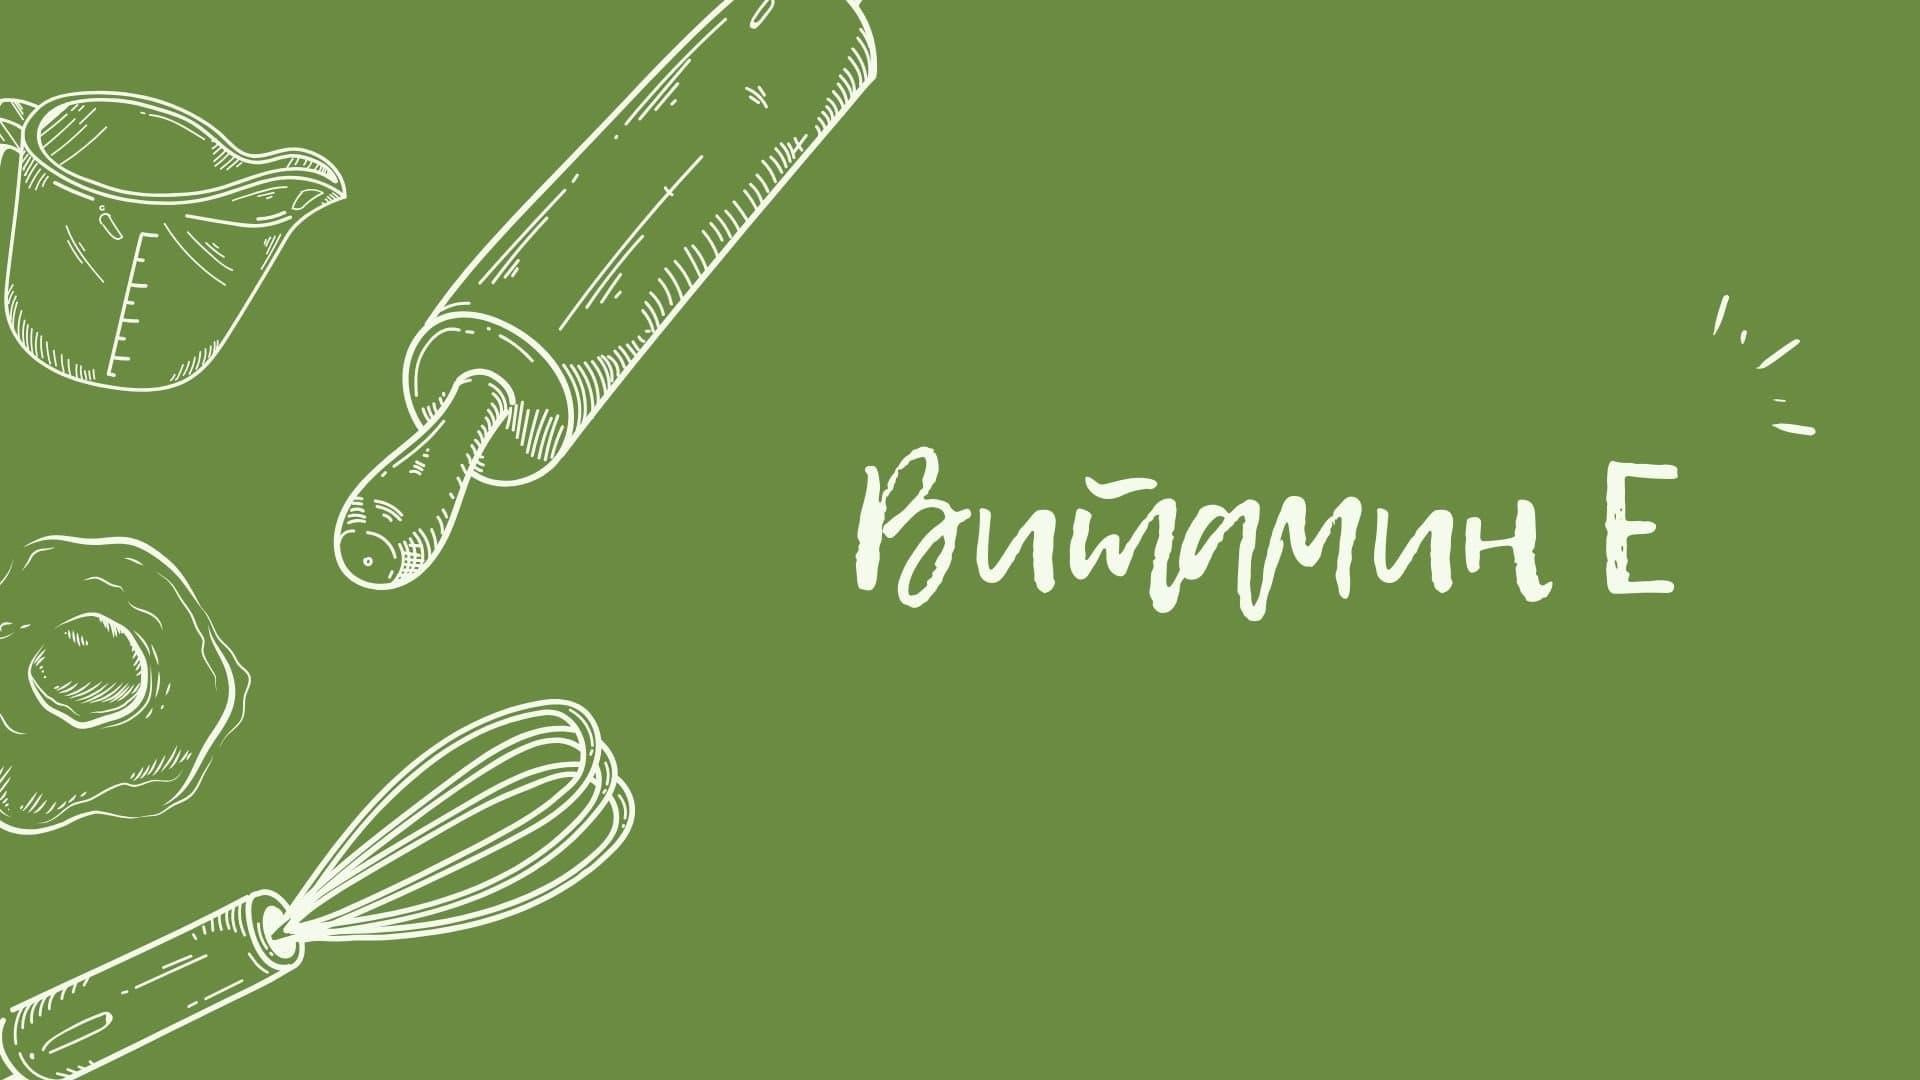 Витамин Е: польза для организма, в каких продуктах содержится, суточная норма и популярные препараты